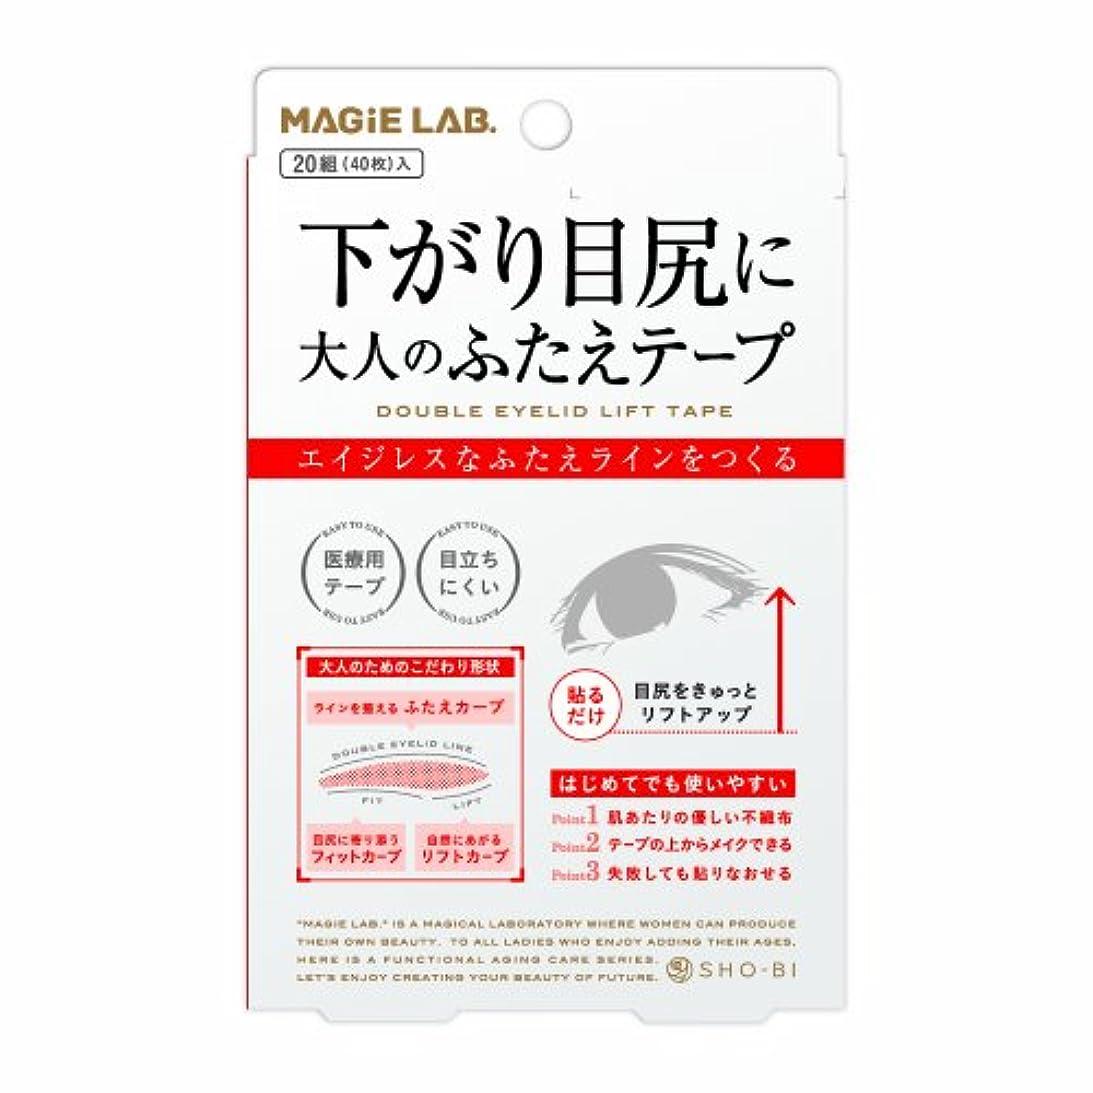 連帯市場入浴MG22105 下がり目尻に 大人のふたえープ 20組40枚入 整形テープ マジラボ MAGiE LAB.